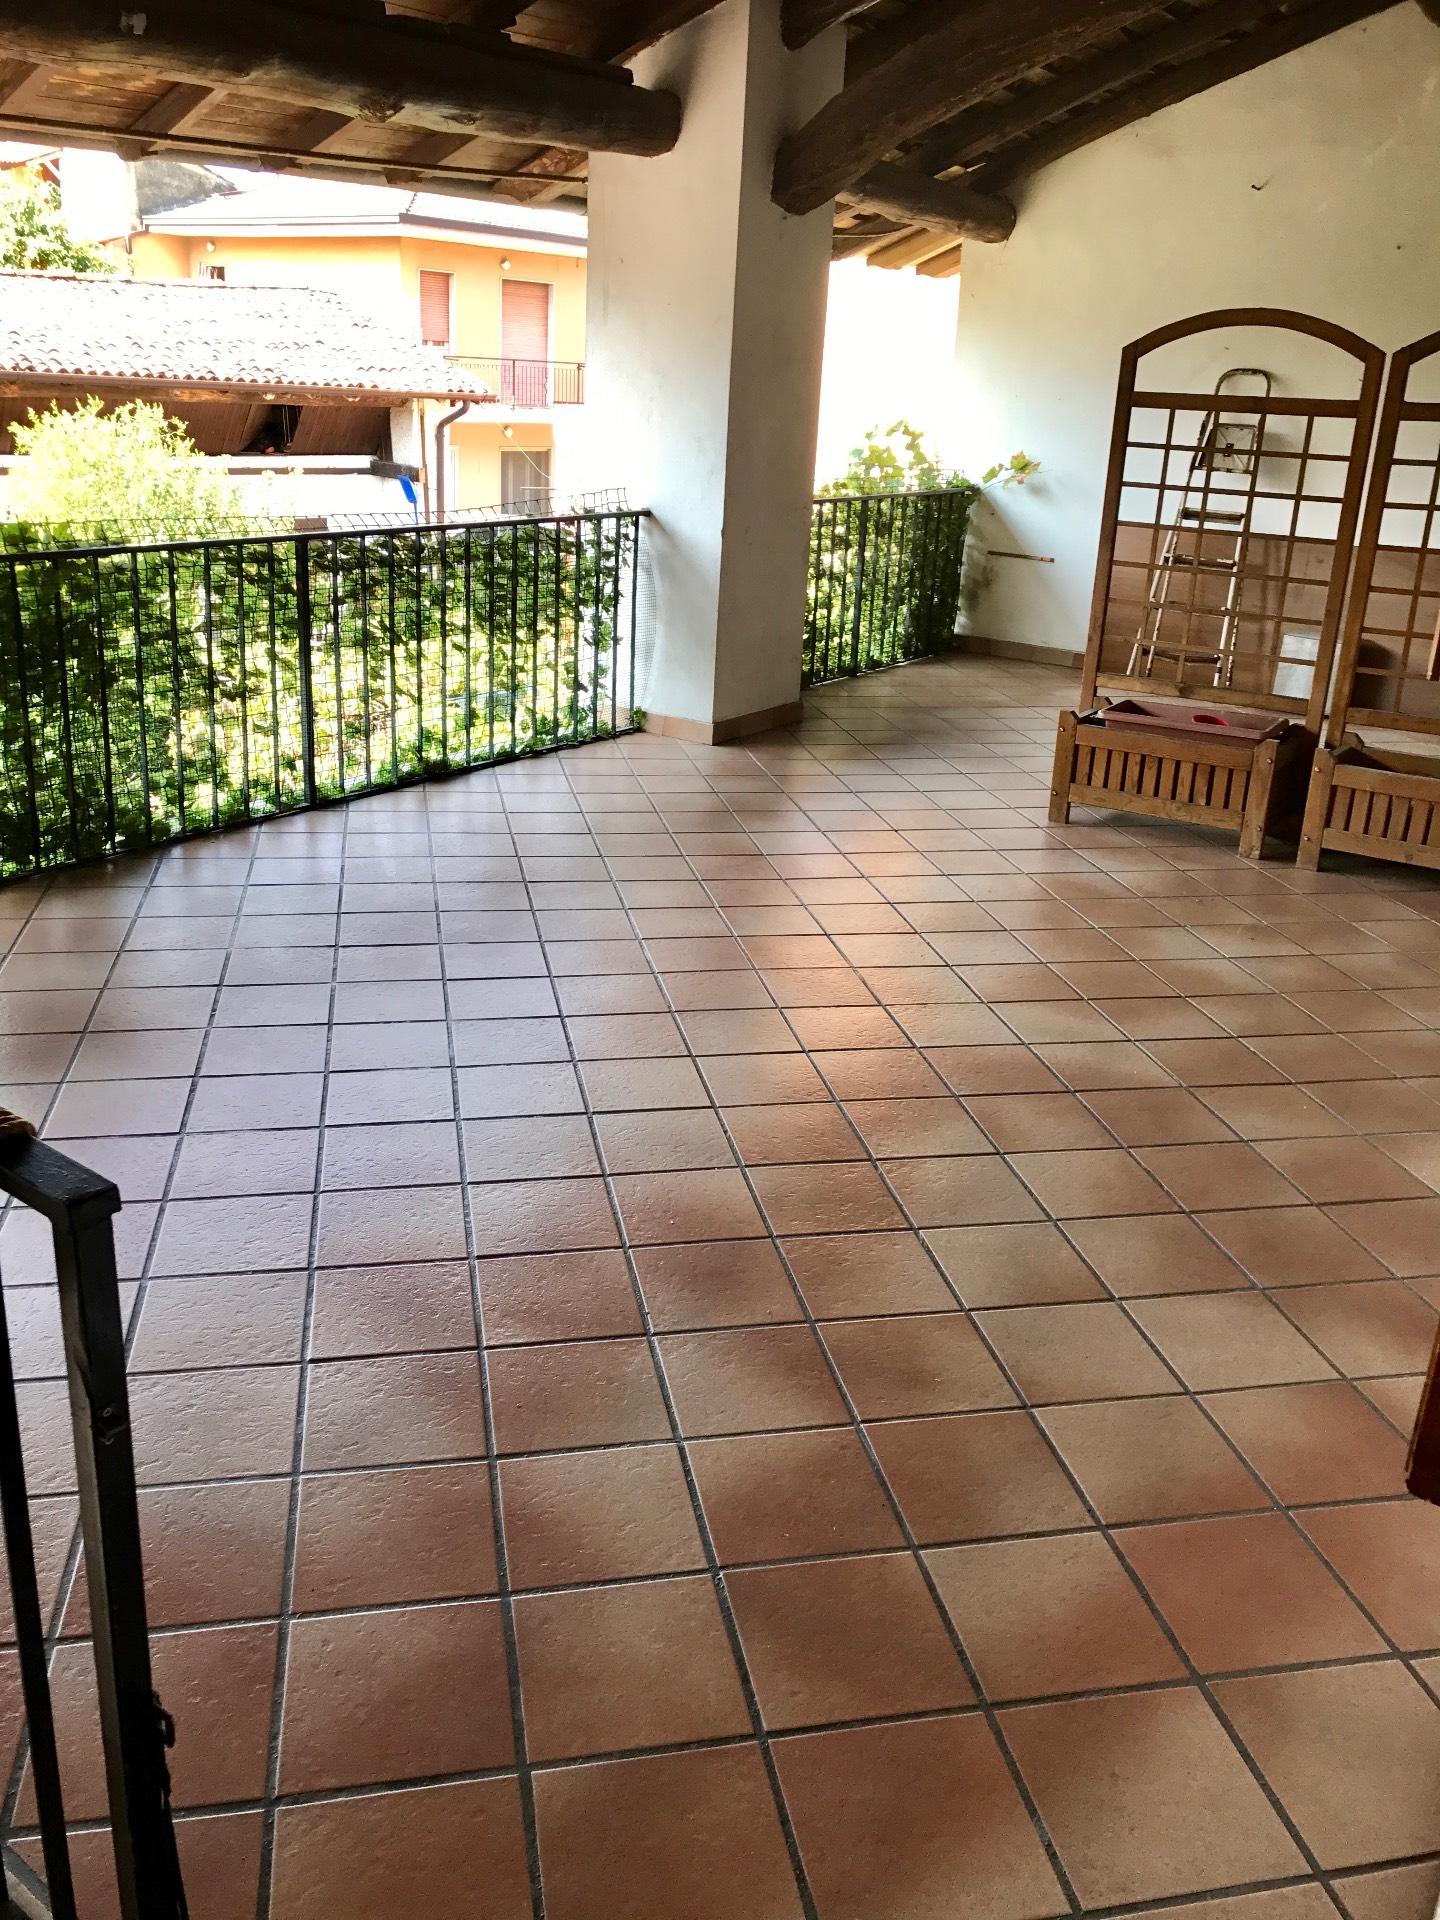 Appartamento in vendita a Castegnato, 3 locali, zona Zona: Torre, prezzo € 179.000 | CambioCasa.it